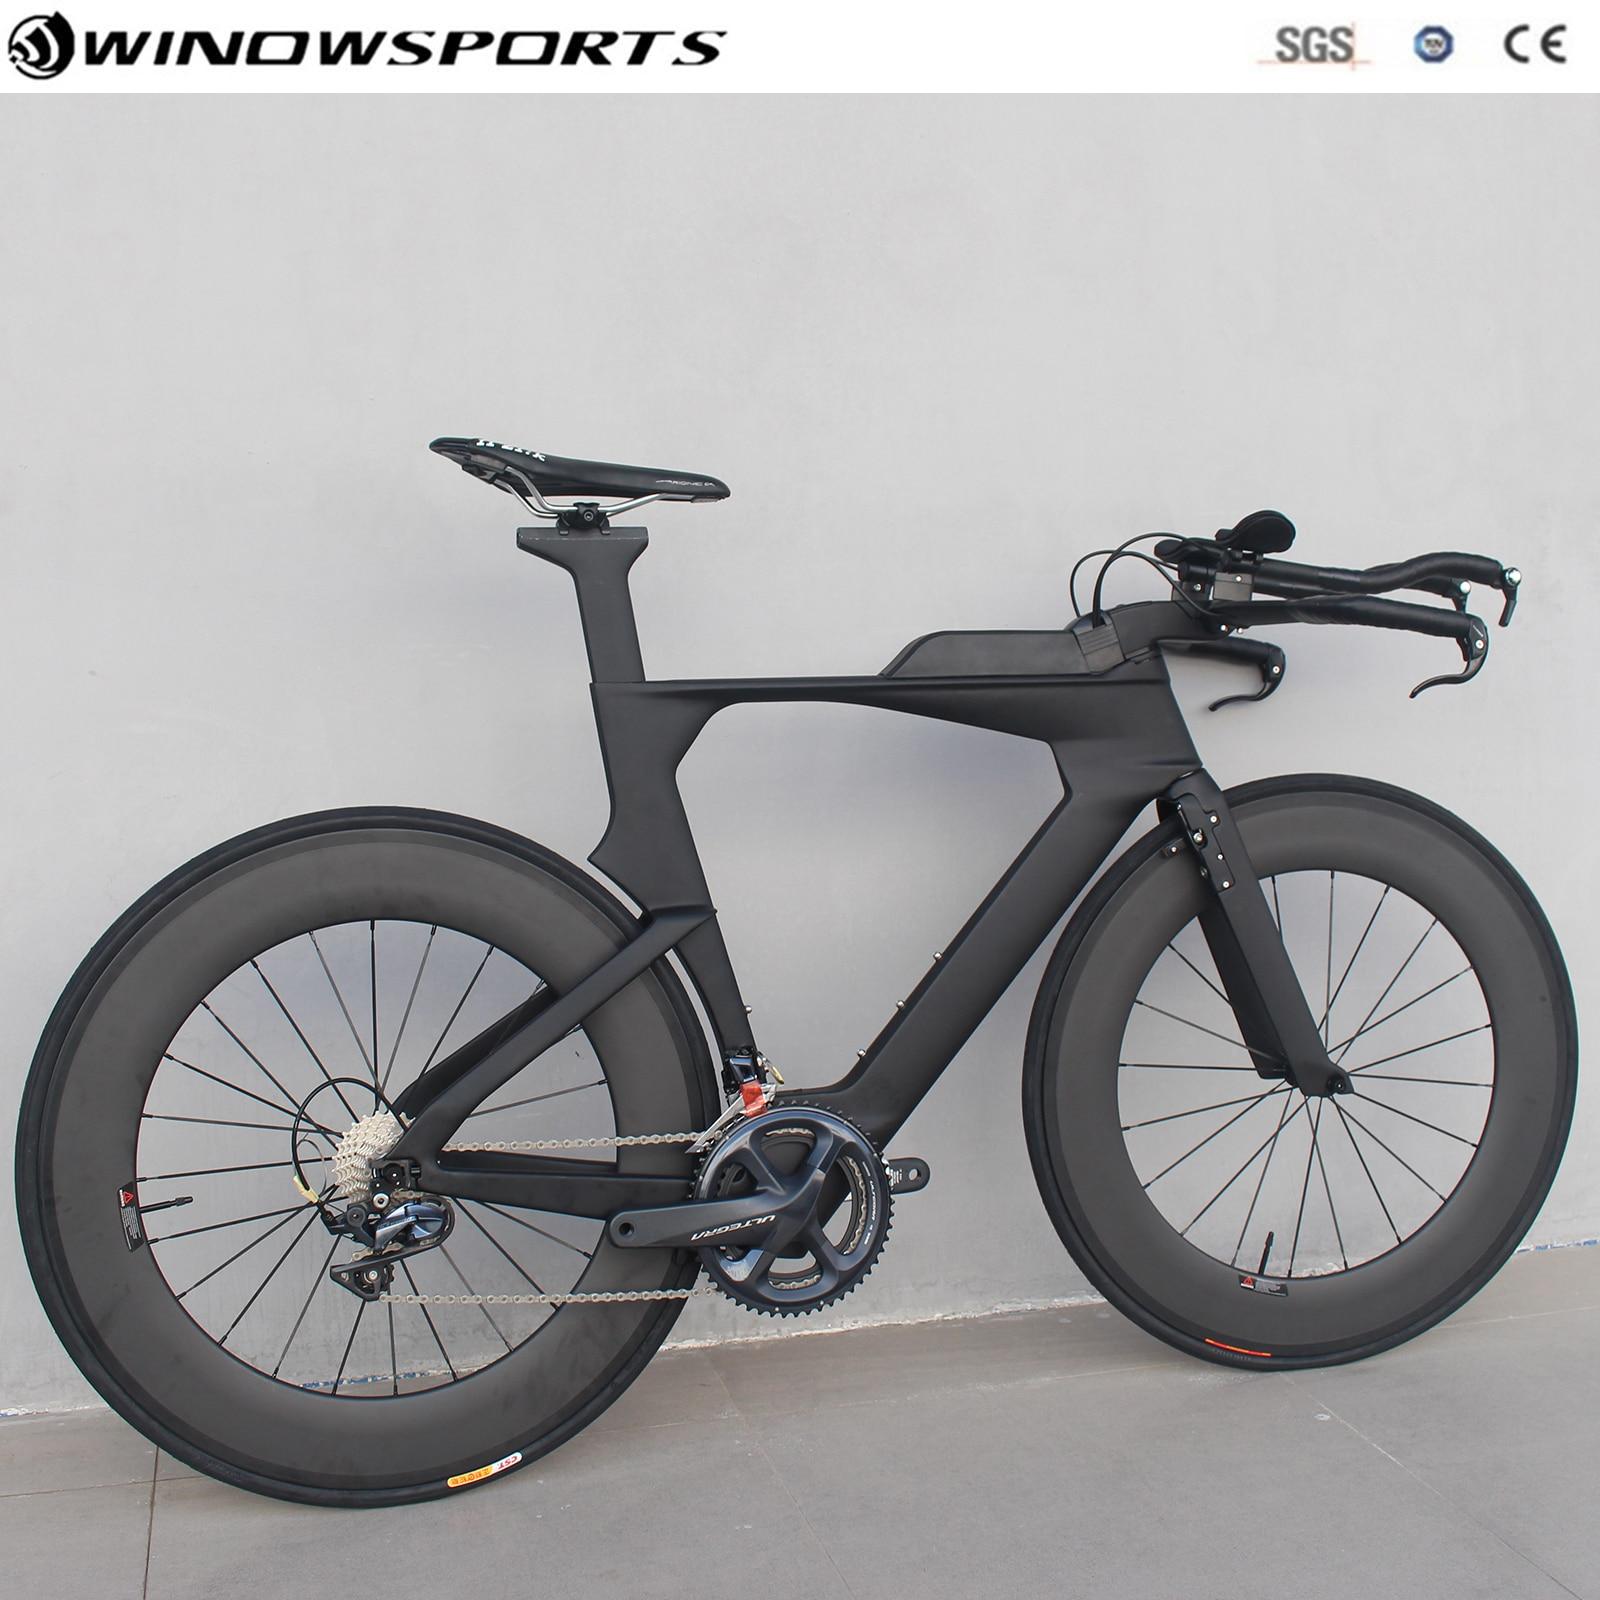 ChineseTriathlon vélo carbone contre-la-montre vélo tout carbone TT vélo 22 vitesses 105 R7000/UT R8000 Groupset tt vélo szie 48/51/54cm